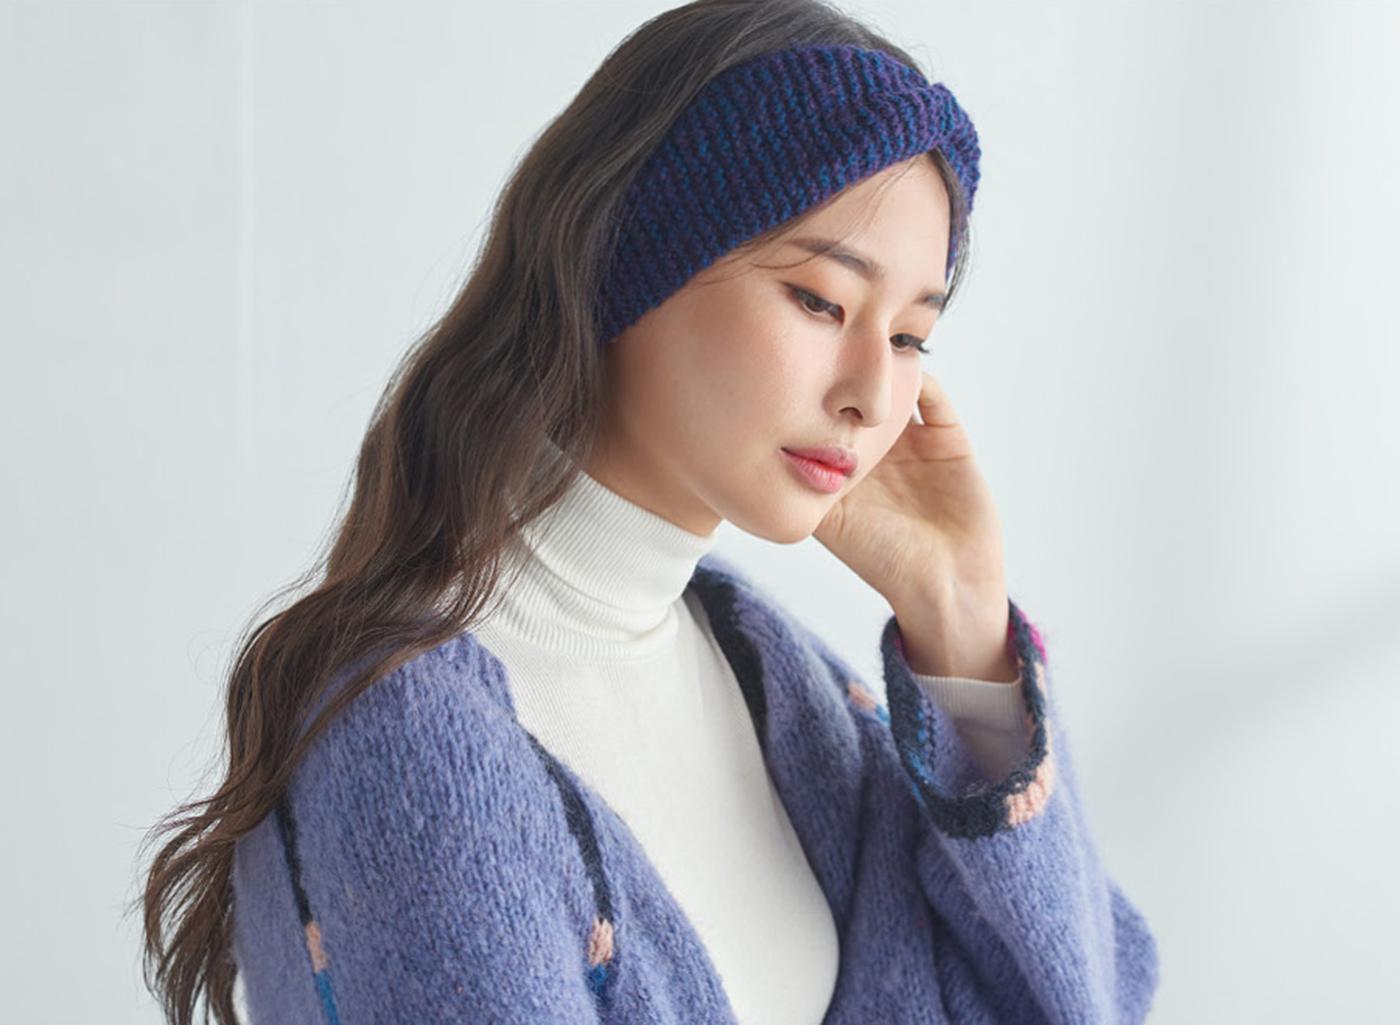 핸드메이드 꽈배기 니트 헤어밴드 모자 상세이미지1